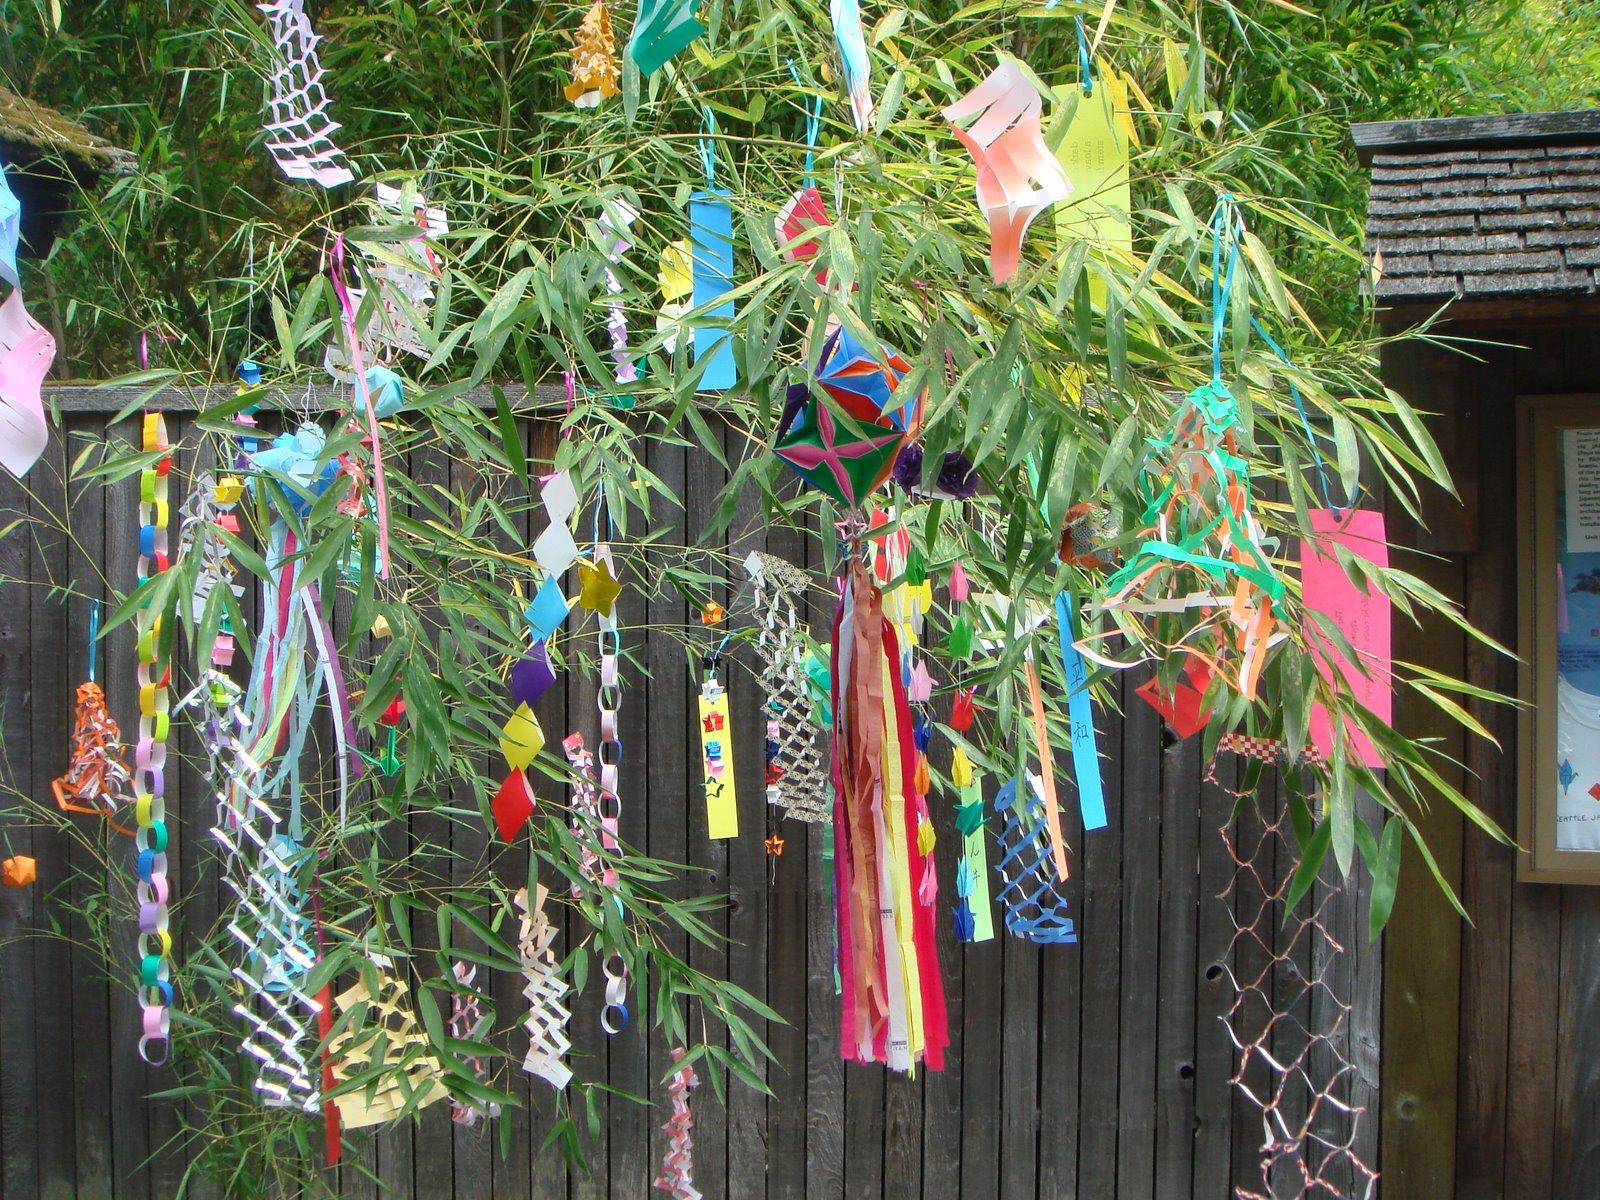 Seattle tacoma kimono club tanabata star festival for Festival decoration ideas